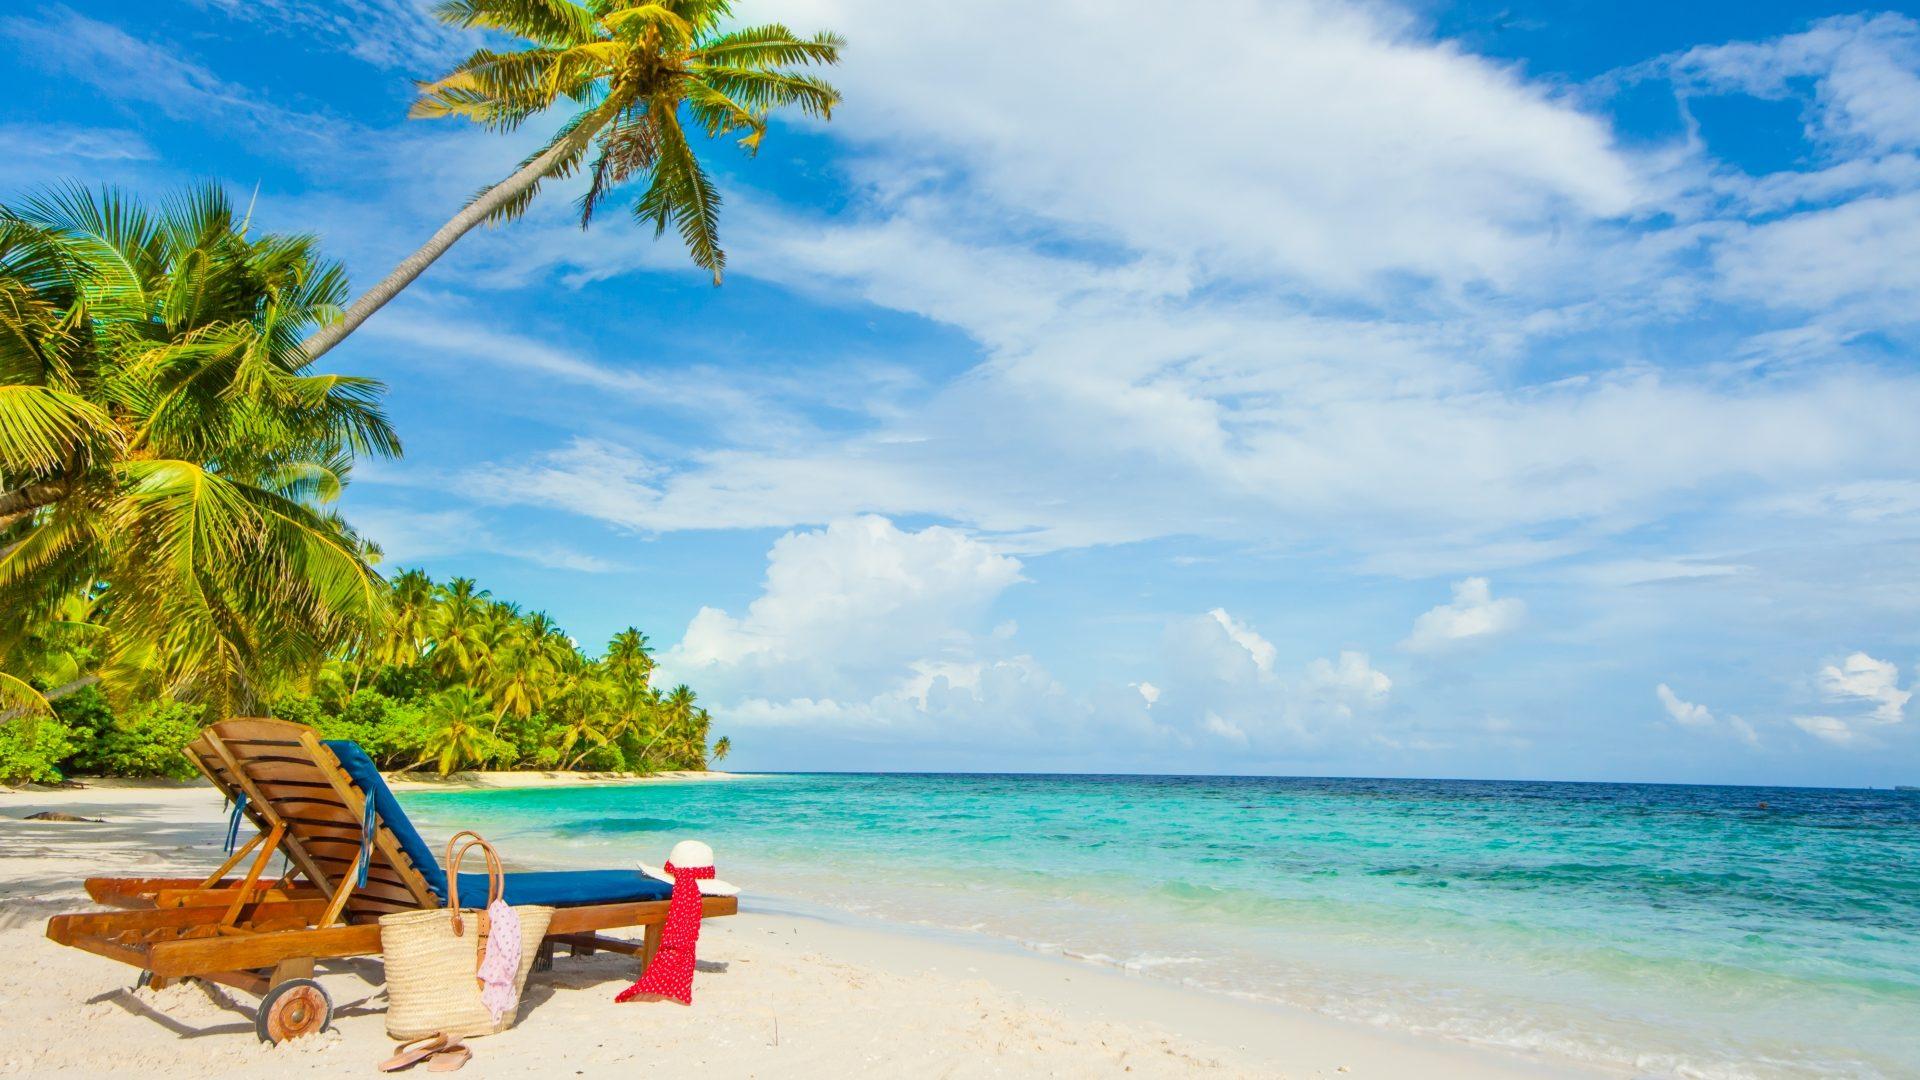 Flüge in die Karibik